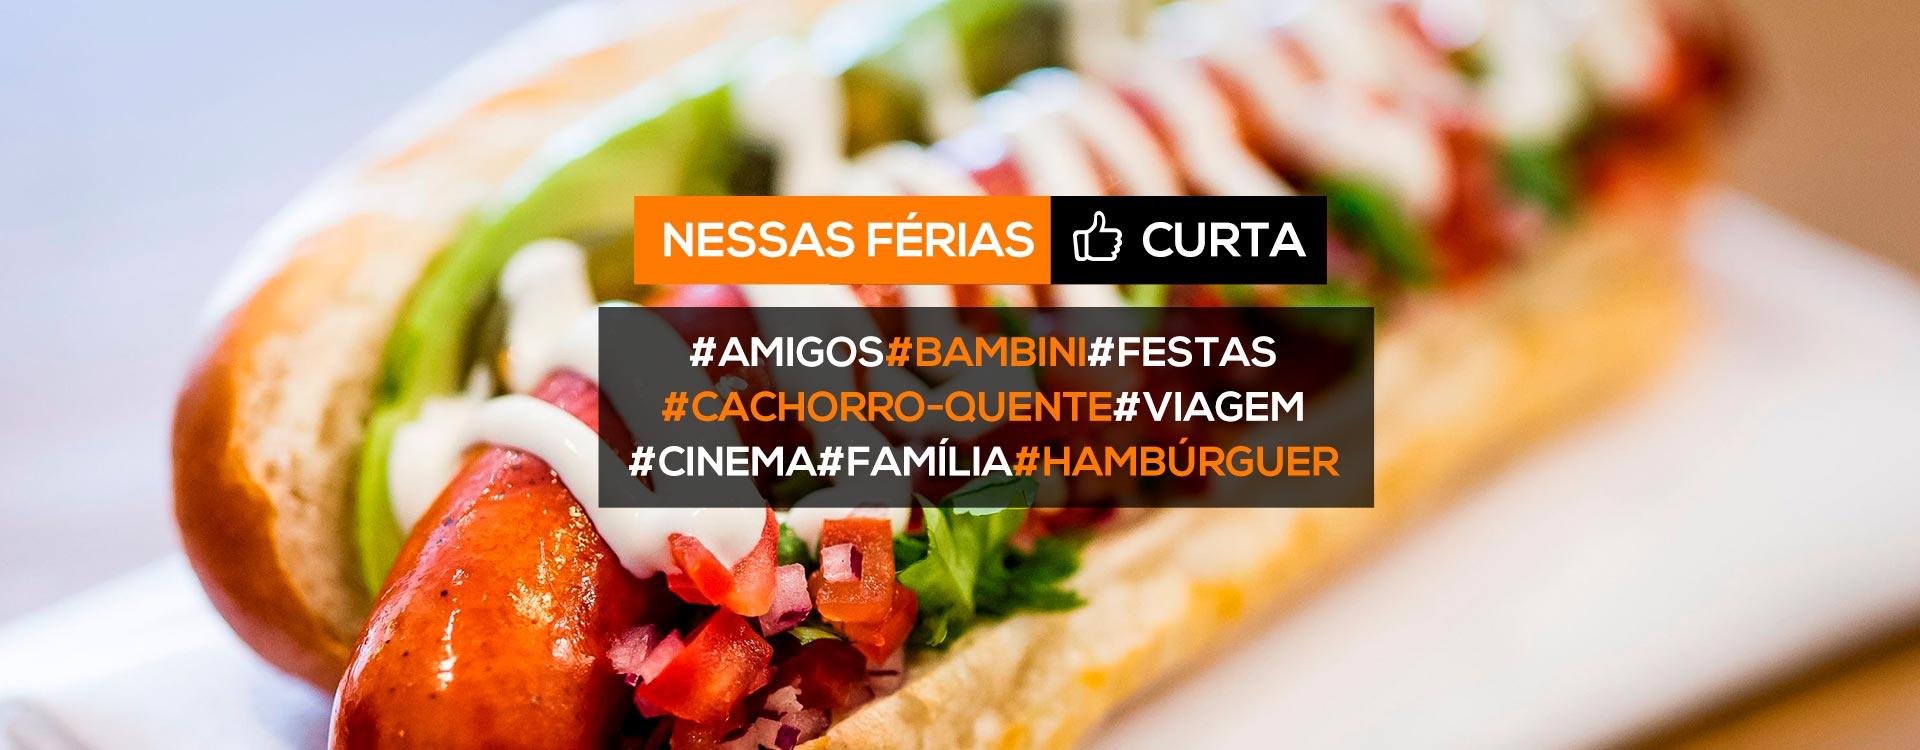 bambini_hotdog_ferias-2019